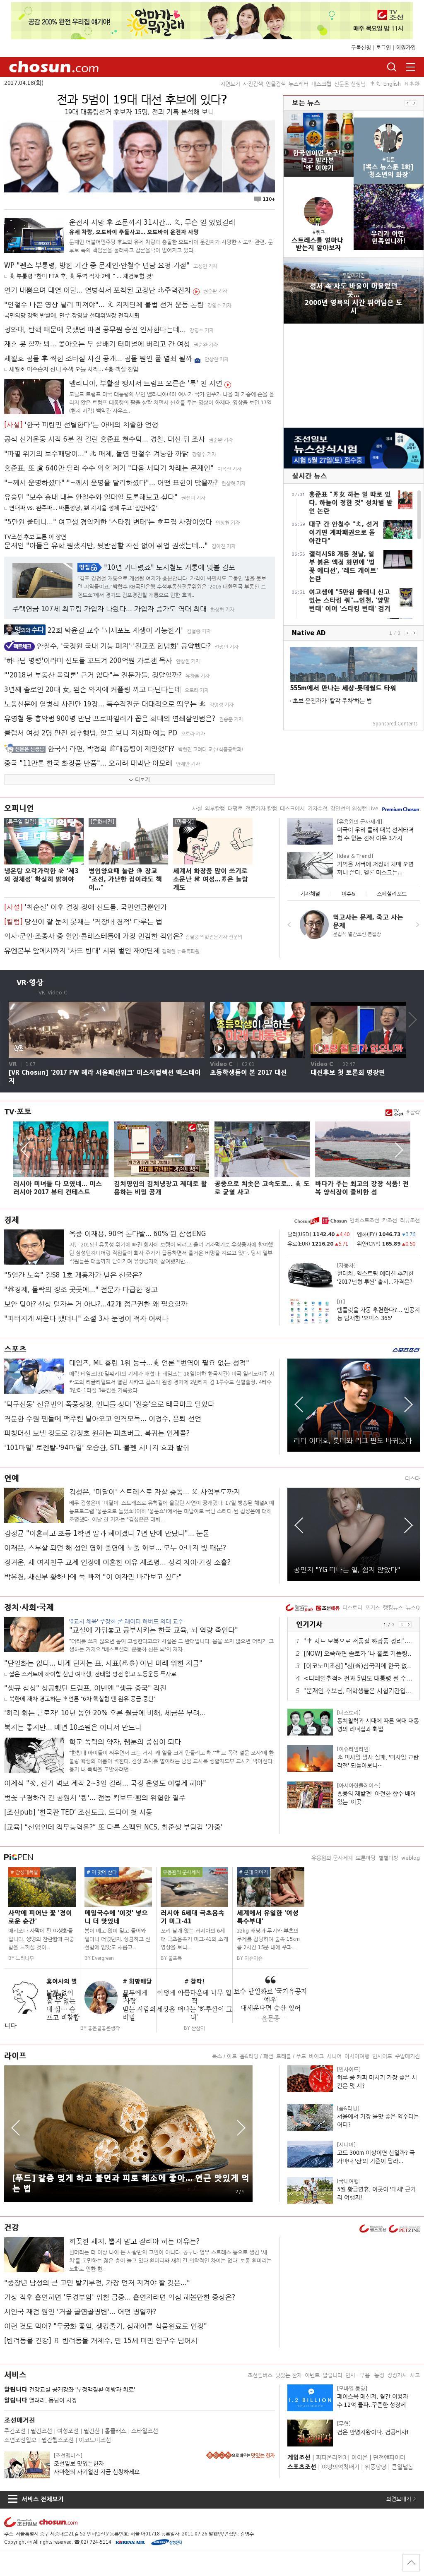 chosun.com at Tuesday April 18, 2017, 7:02 a.m. UTC